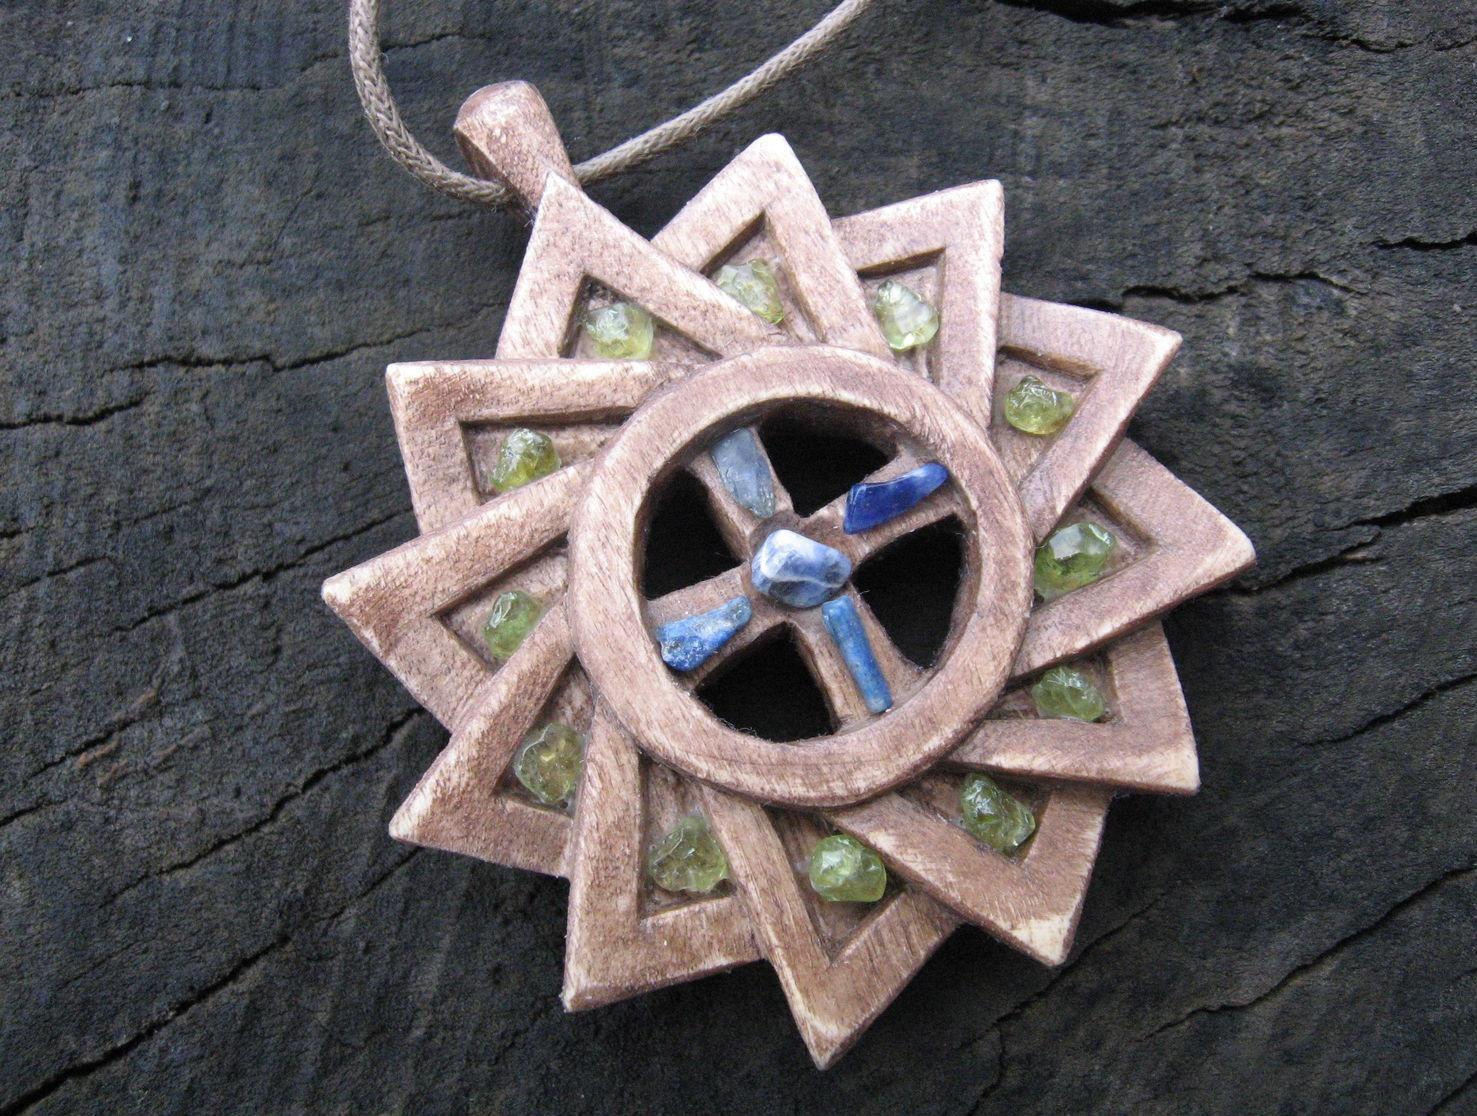 Звезда эрцгаммы - значение символа и его магические возможности